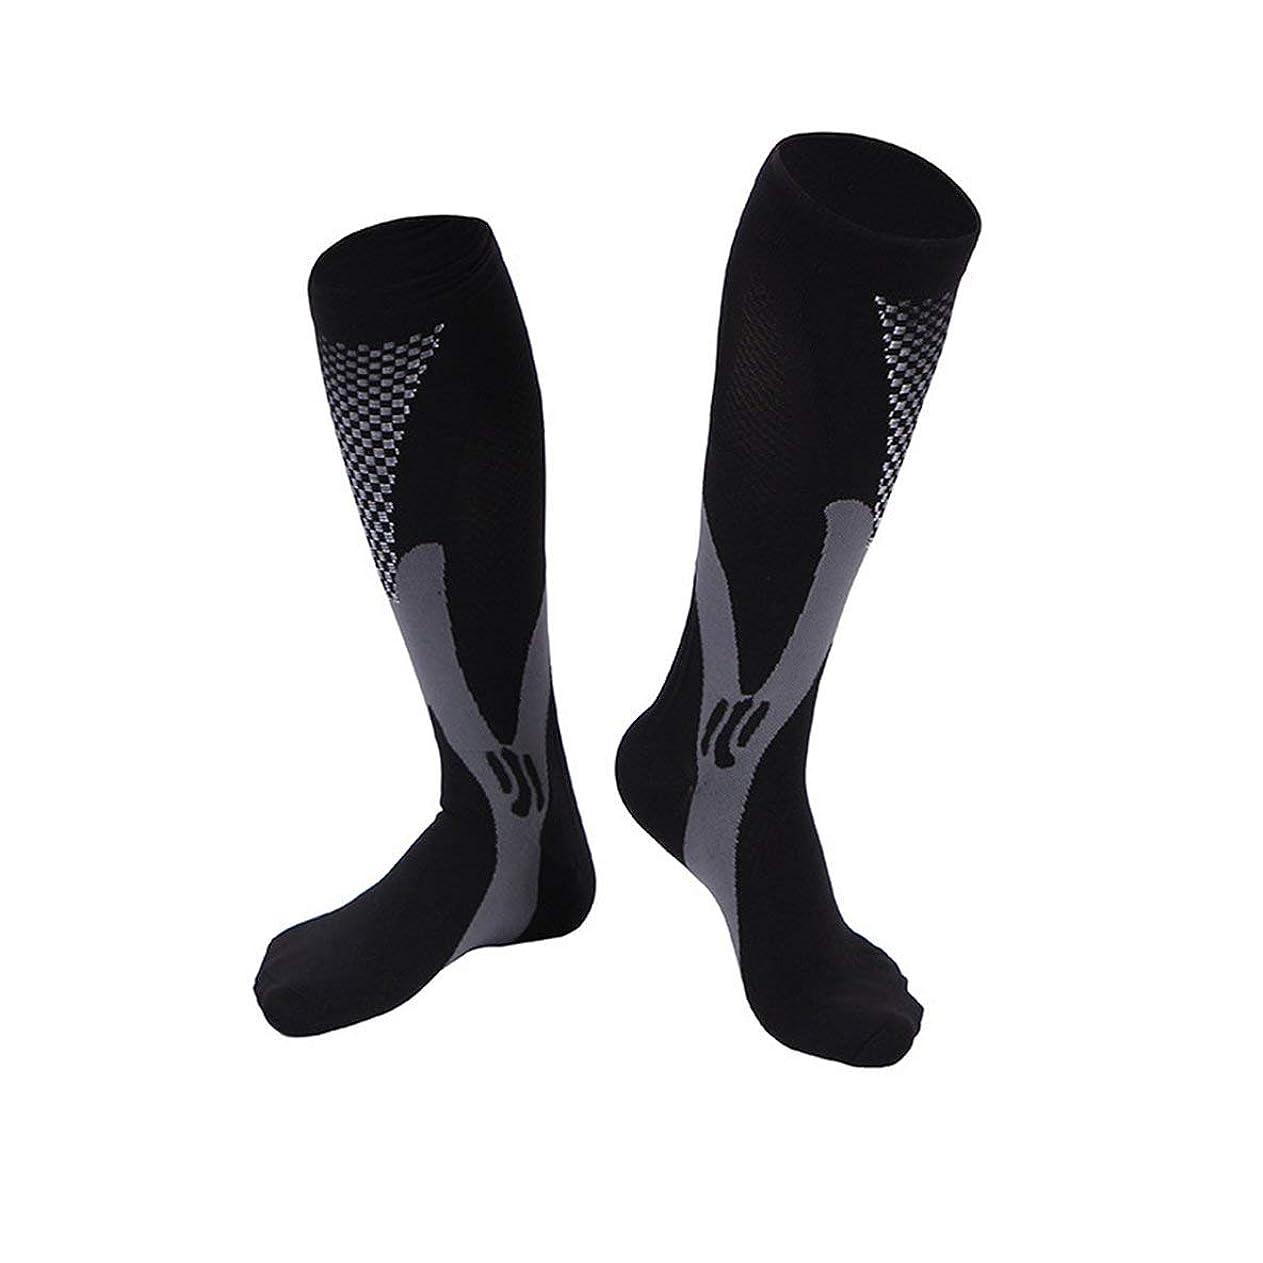 保証する倫理的分数快適な男性女性ファッションレッグサポートストレッチ圧縮ソックス下膝ソックスレッグサポートストレッチ通気性ソックス - ブラック2 XL